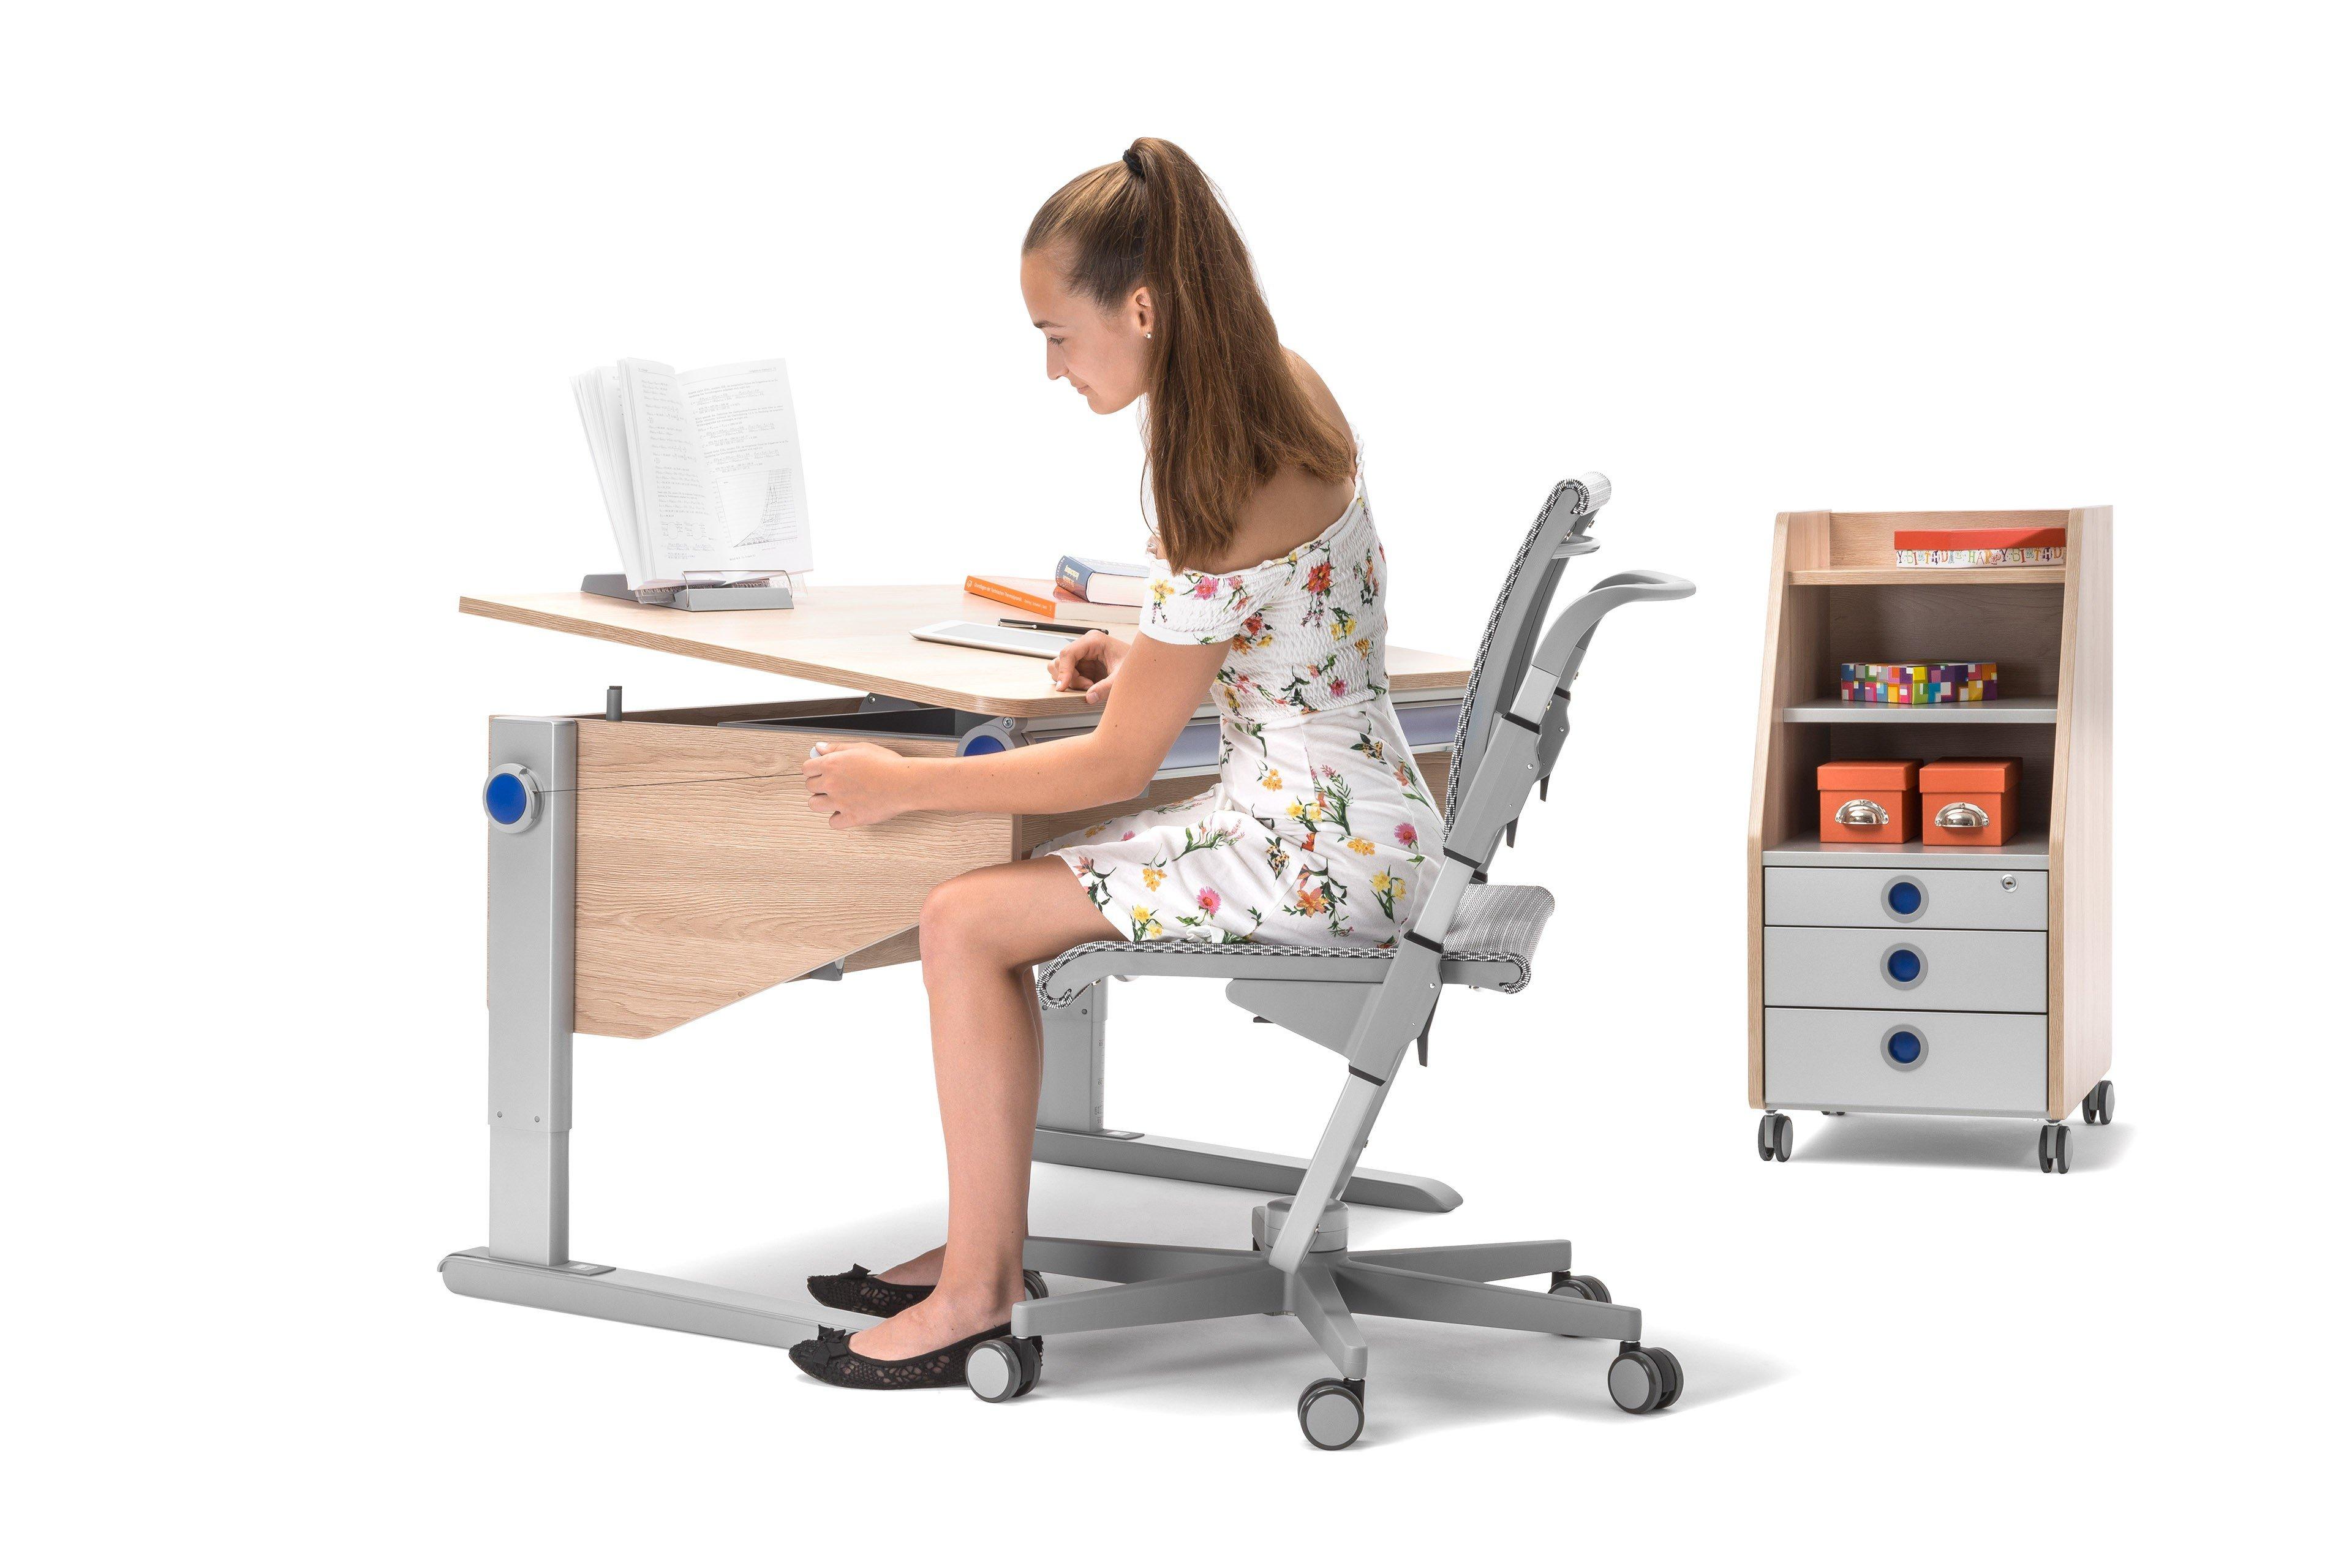 moll winner schreibtisch f r kinder eiche m bel letz ihr online shop. Black Bedroom Furniture Sets. Home Design Ideas